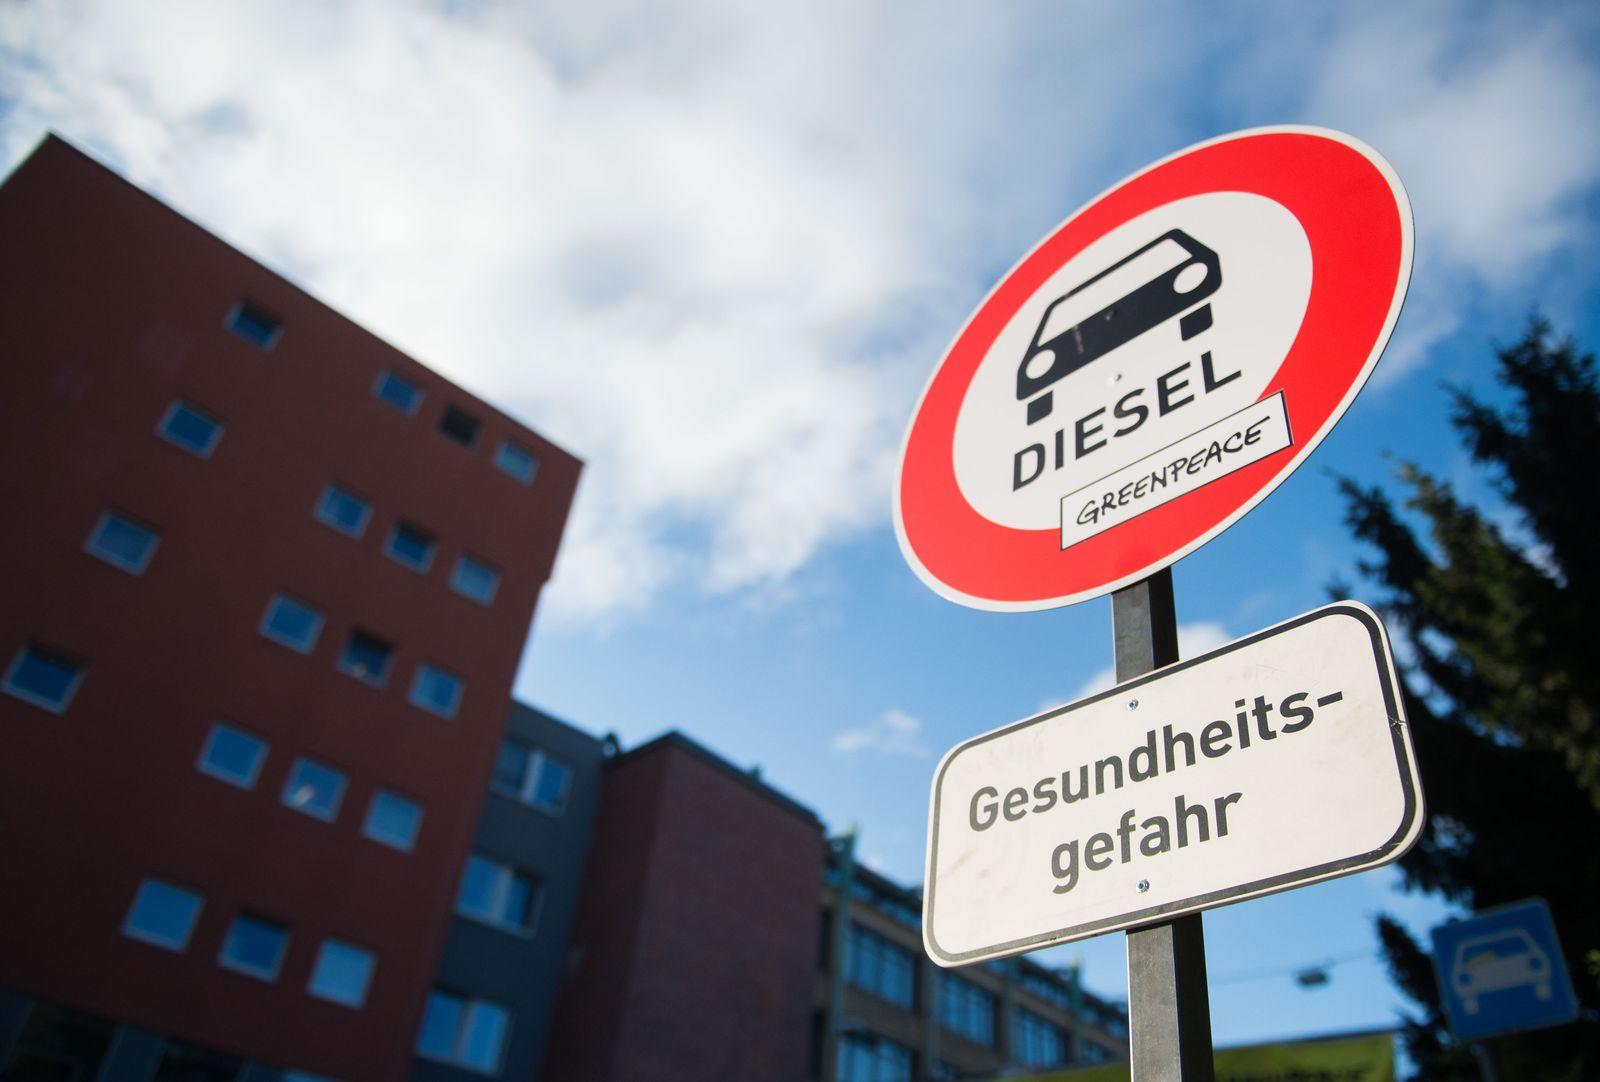 Verbotsschild für Dieselautos - Demo